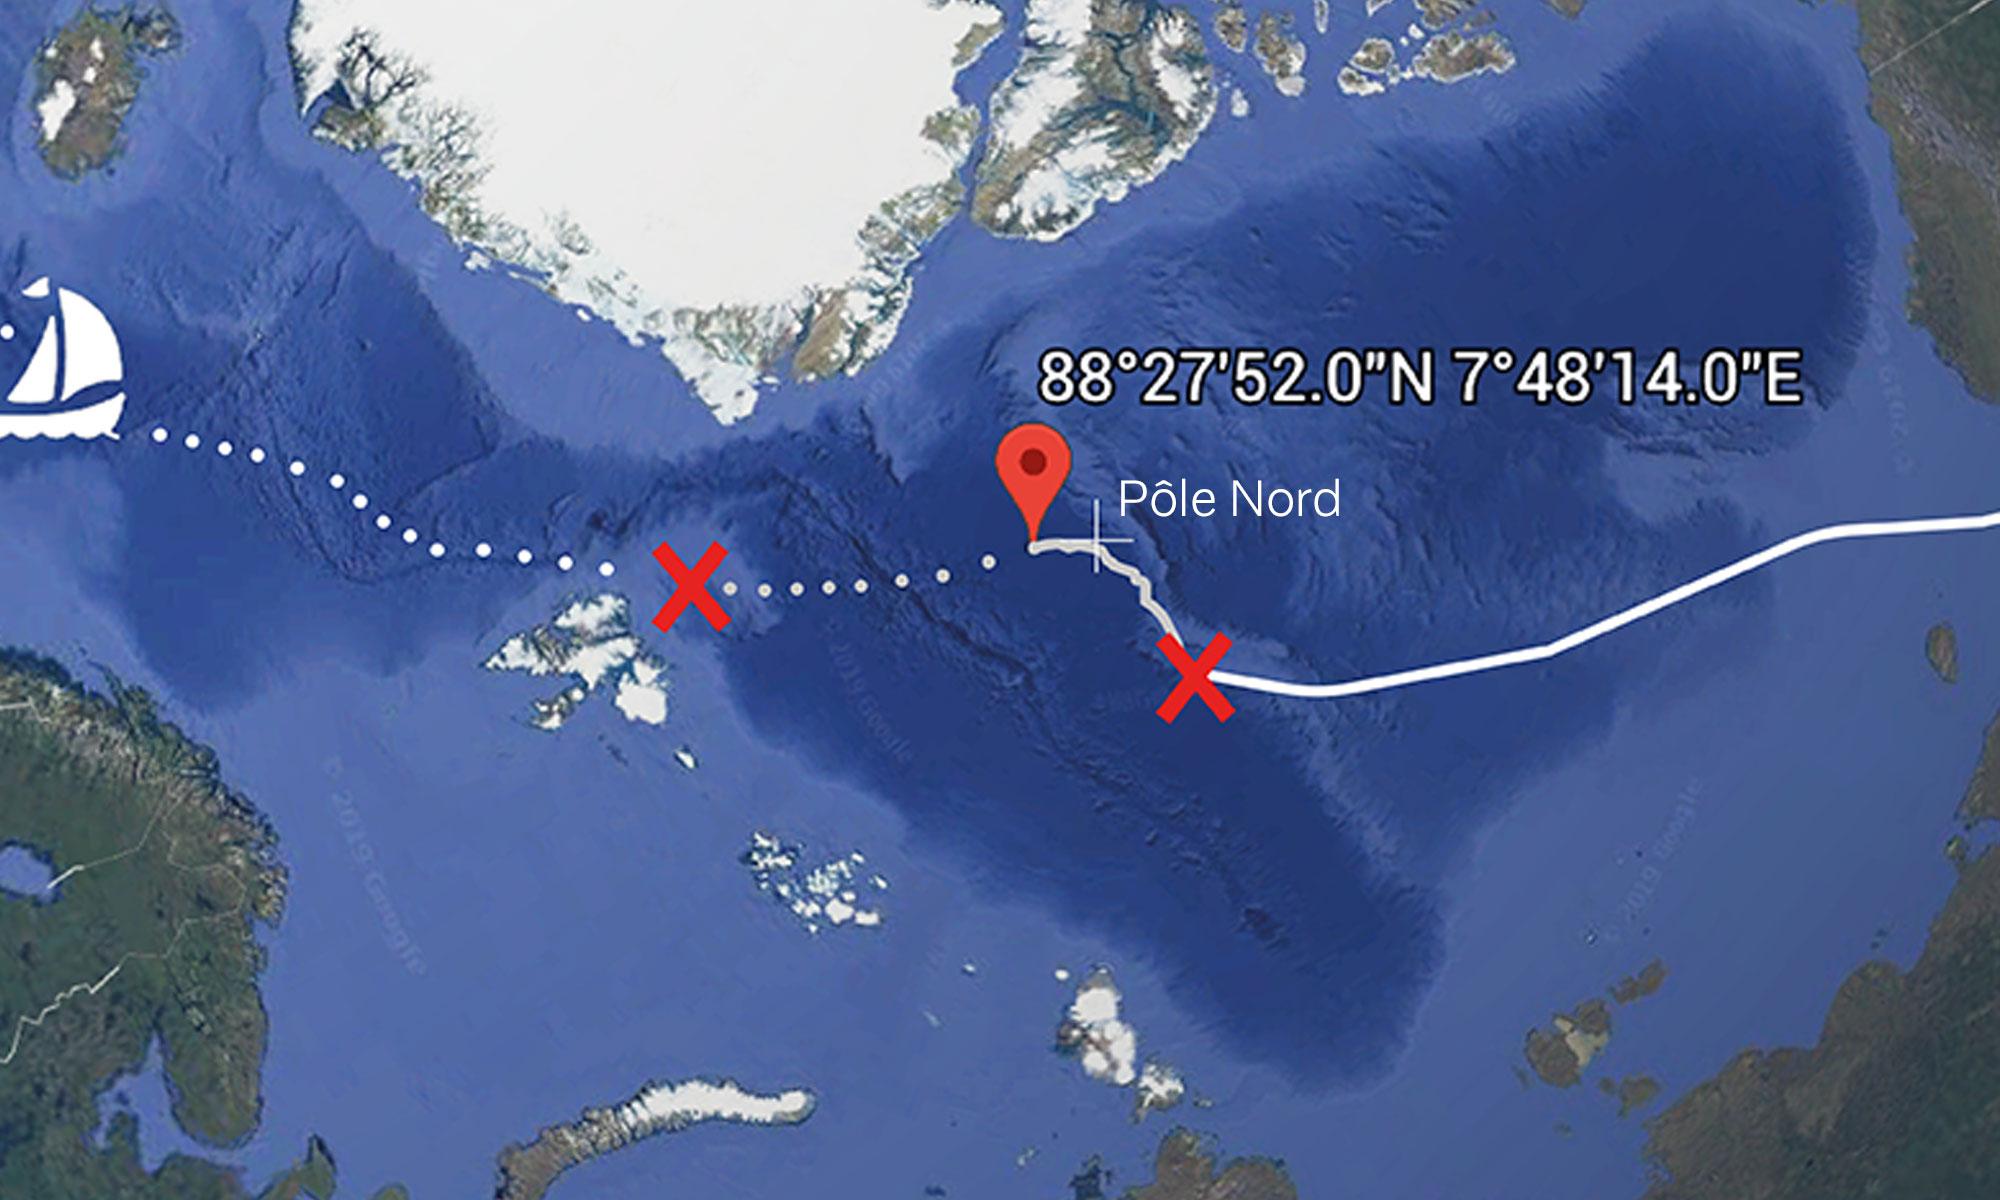 La route de l'expédition Pole to Pole (Google Earth)